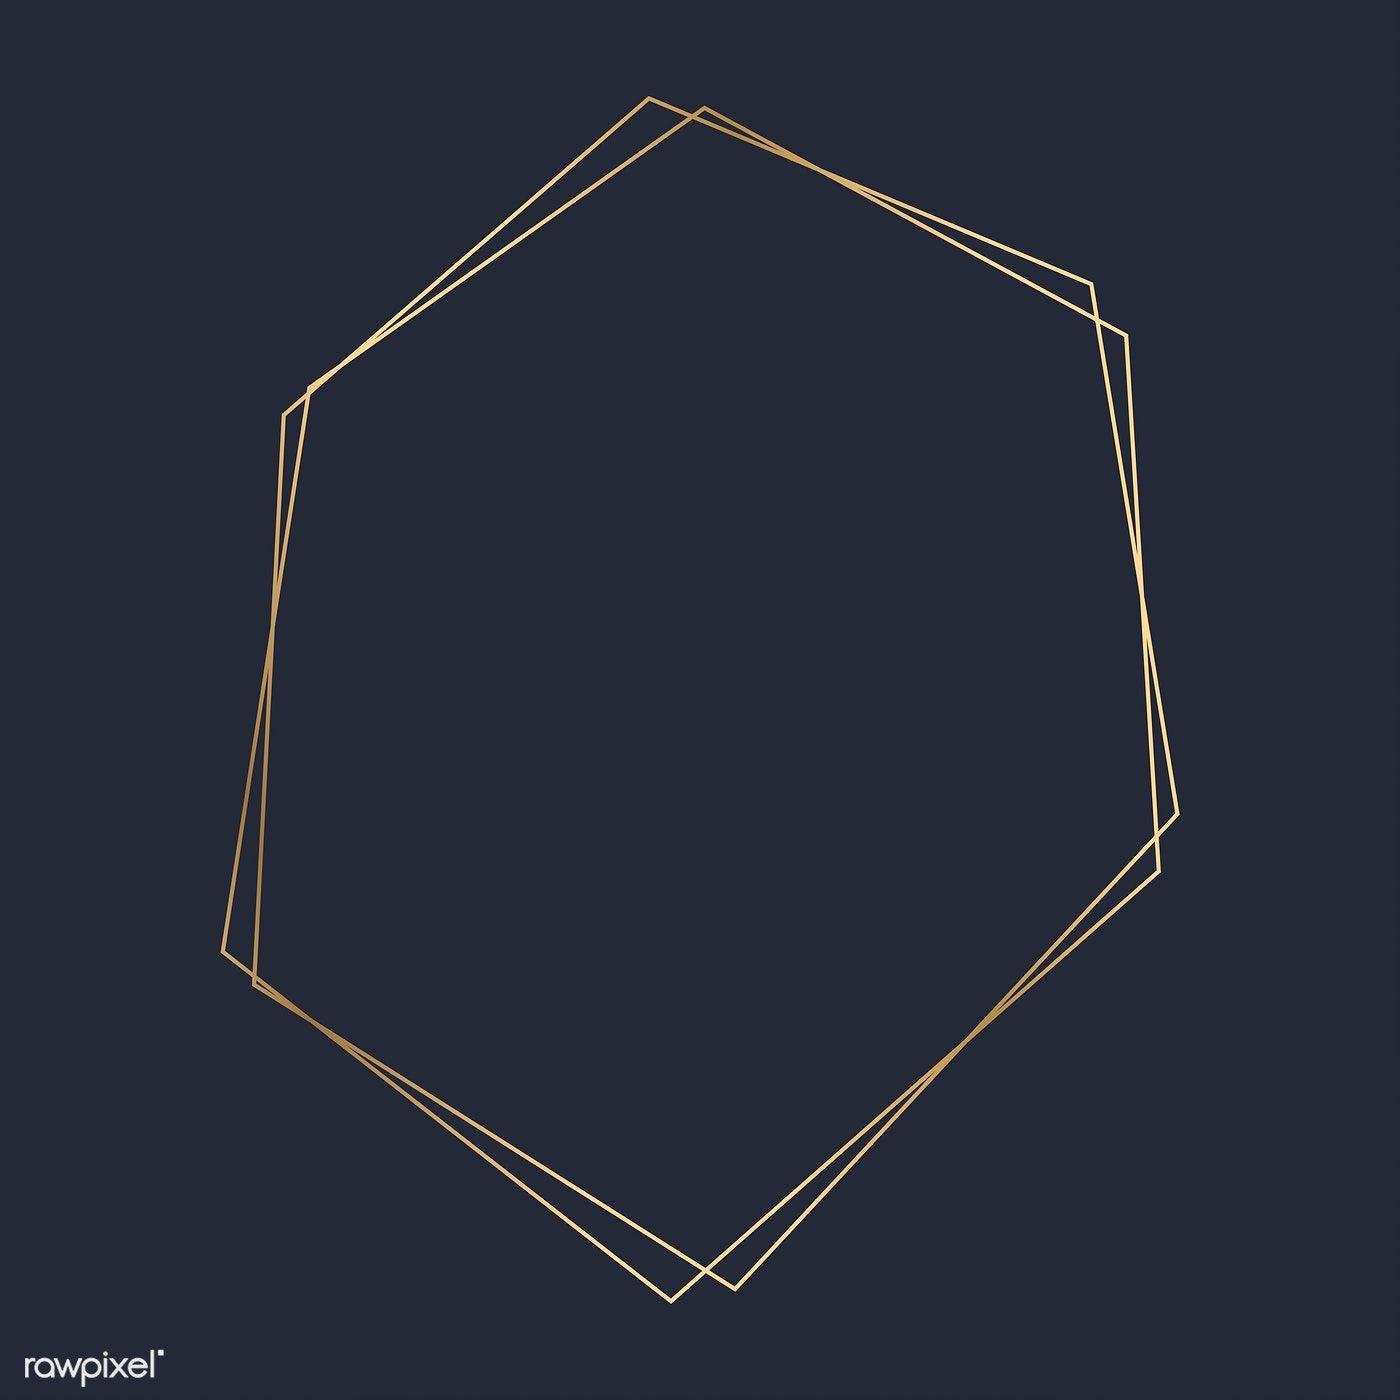 Download Premium Vector Of Golden Hexagon Frame Template